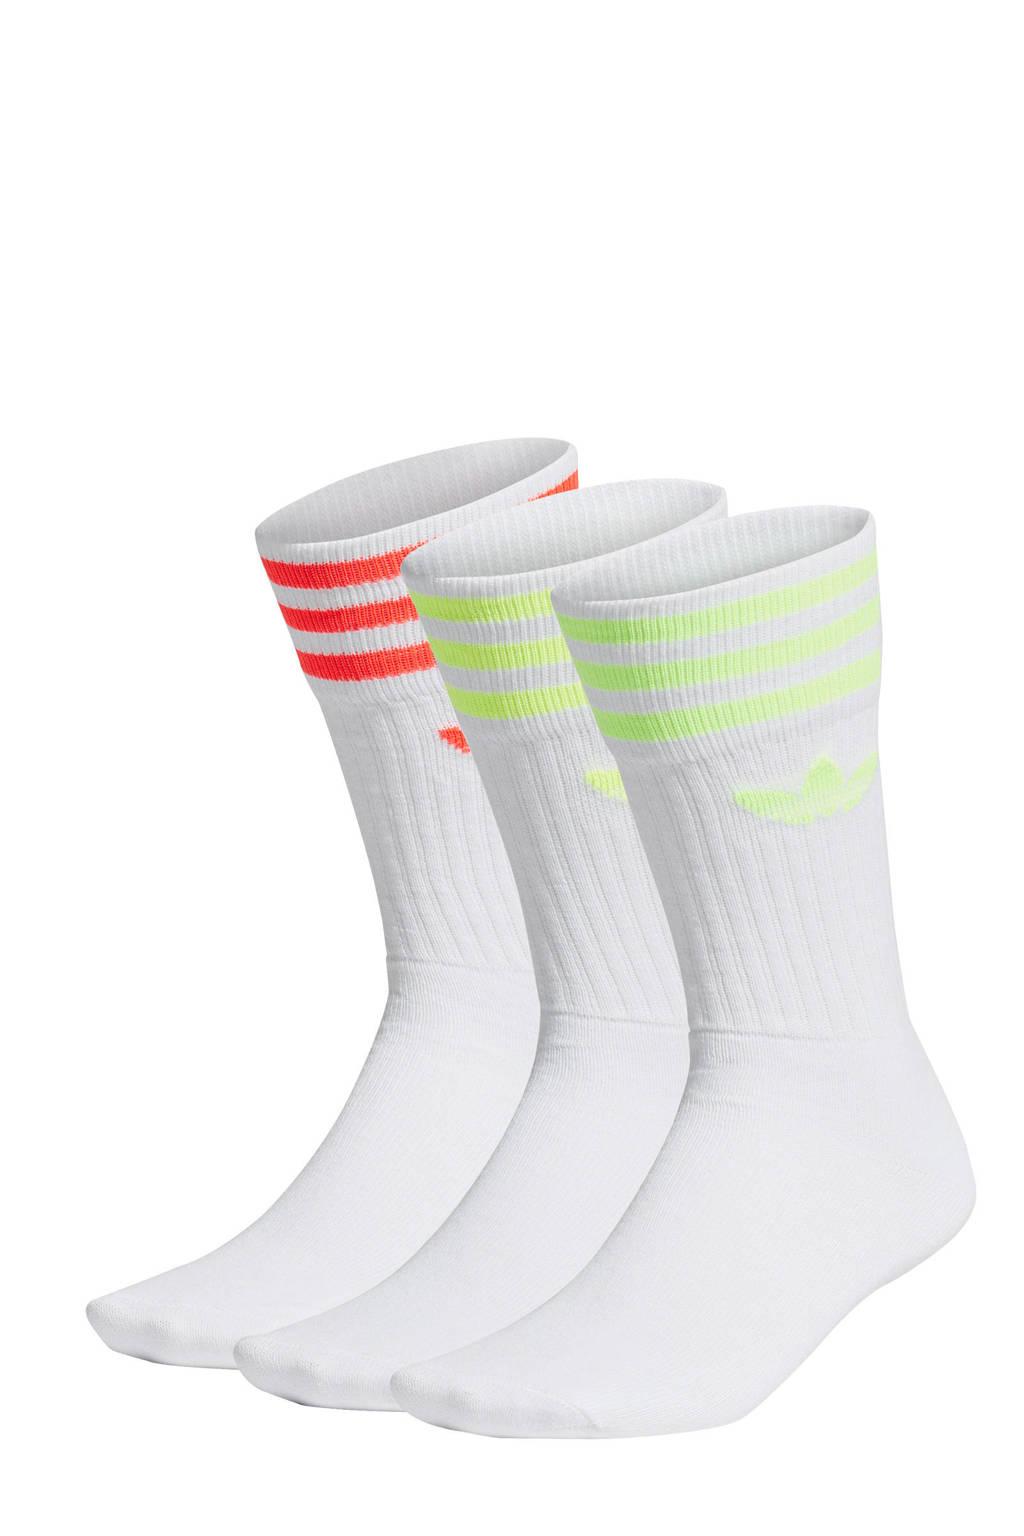 adidas Originals   Adicolor sokken (set van 3 paar) wit/groen/rood, Wit/groen/rood